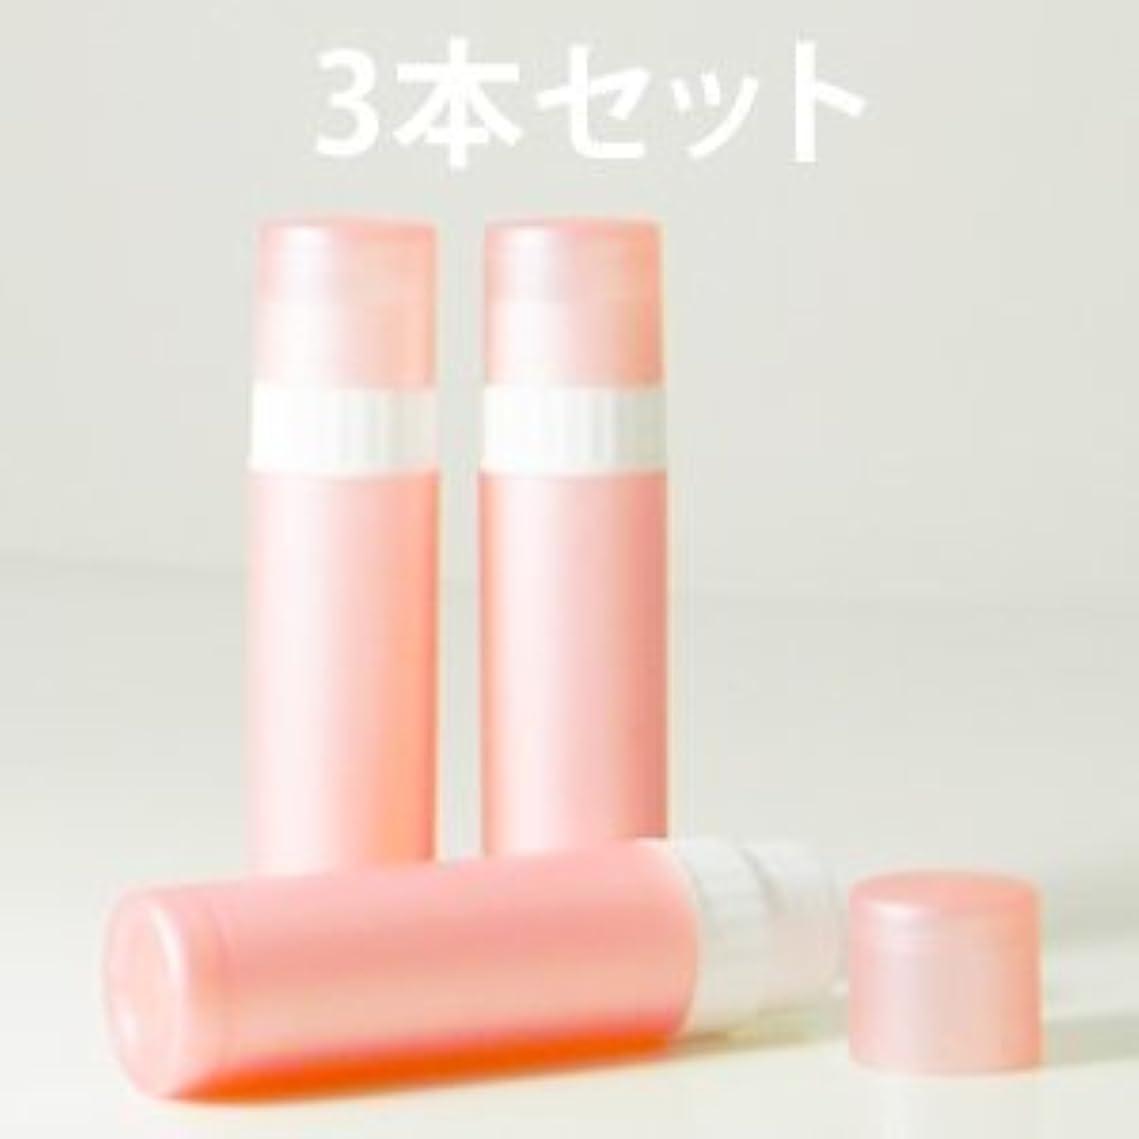 タバコ家事をするビバリップバームチューブ (ピンク) 3本セット 【手作り化粧品容器】